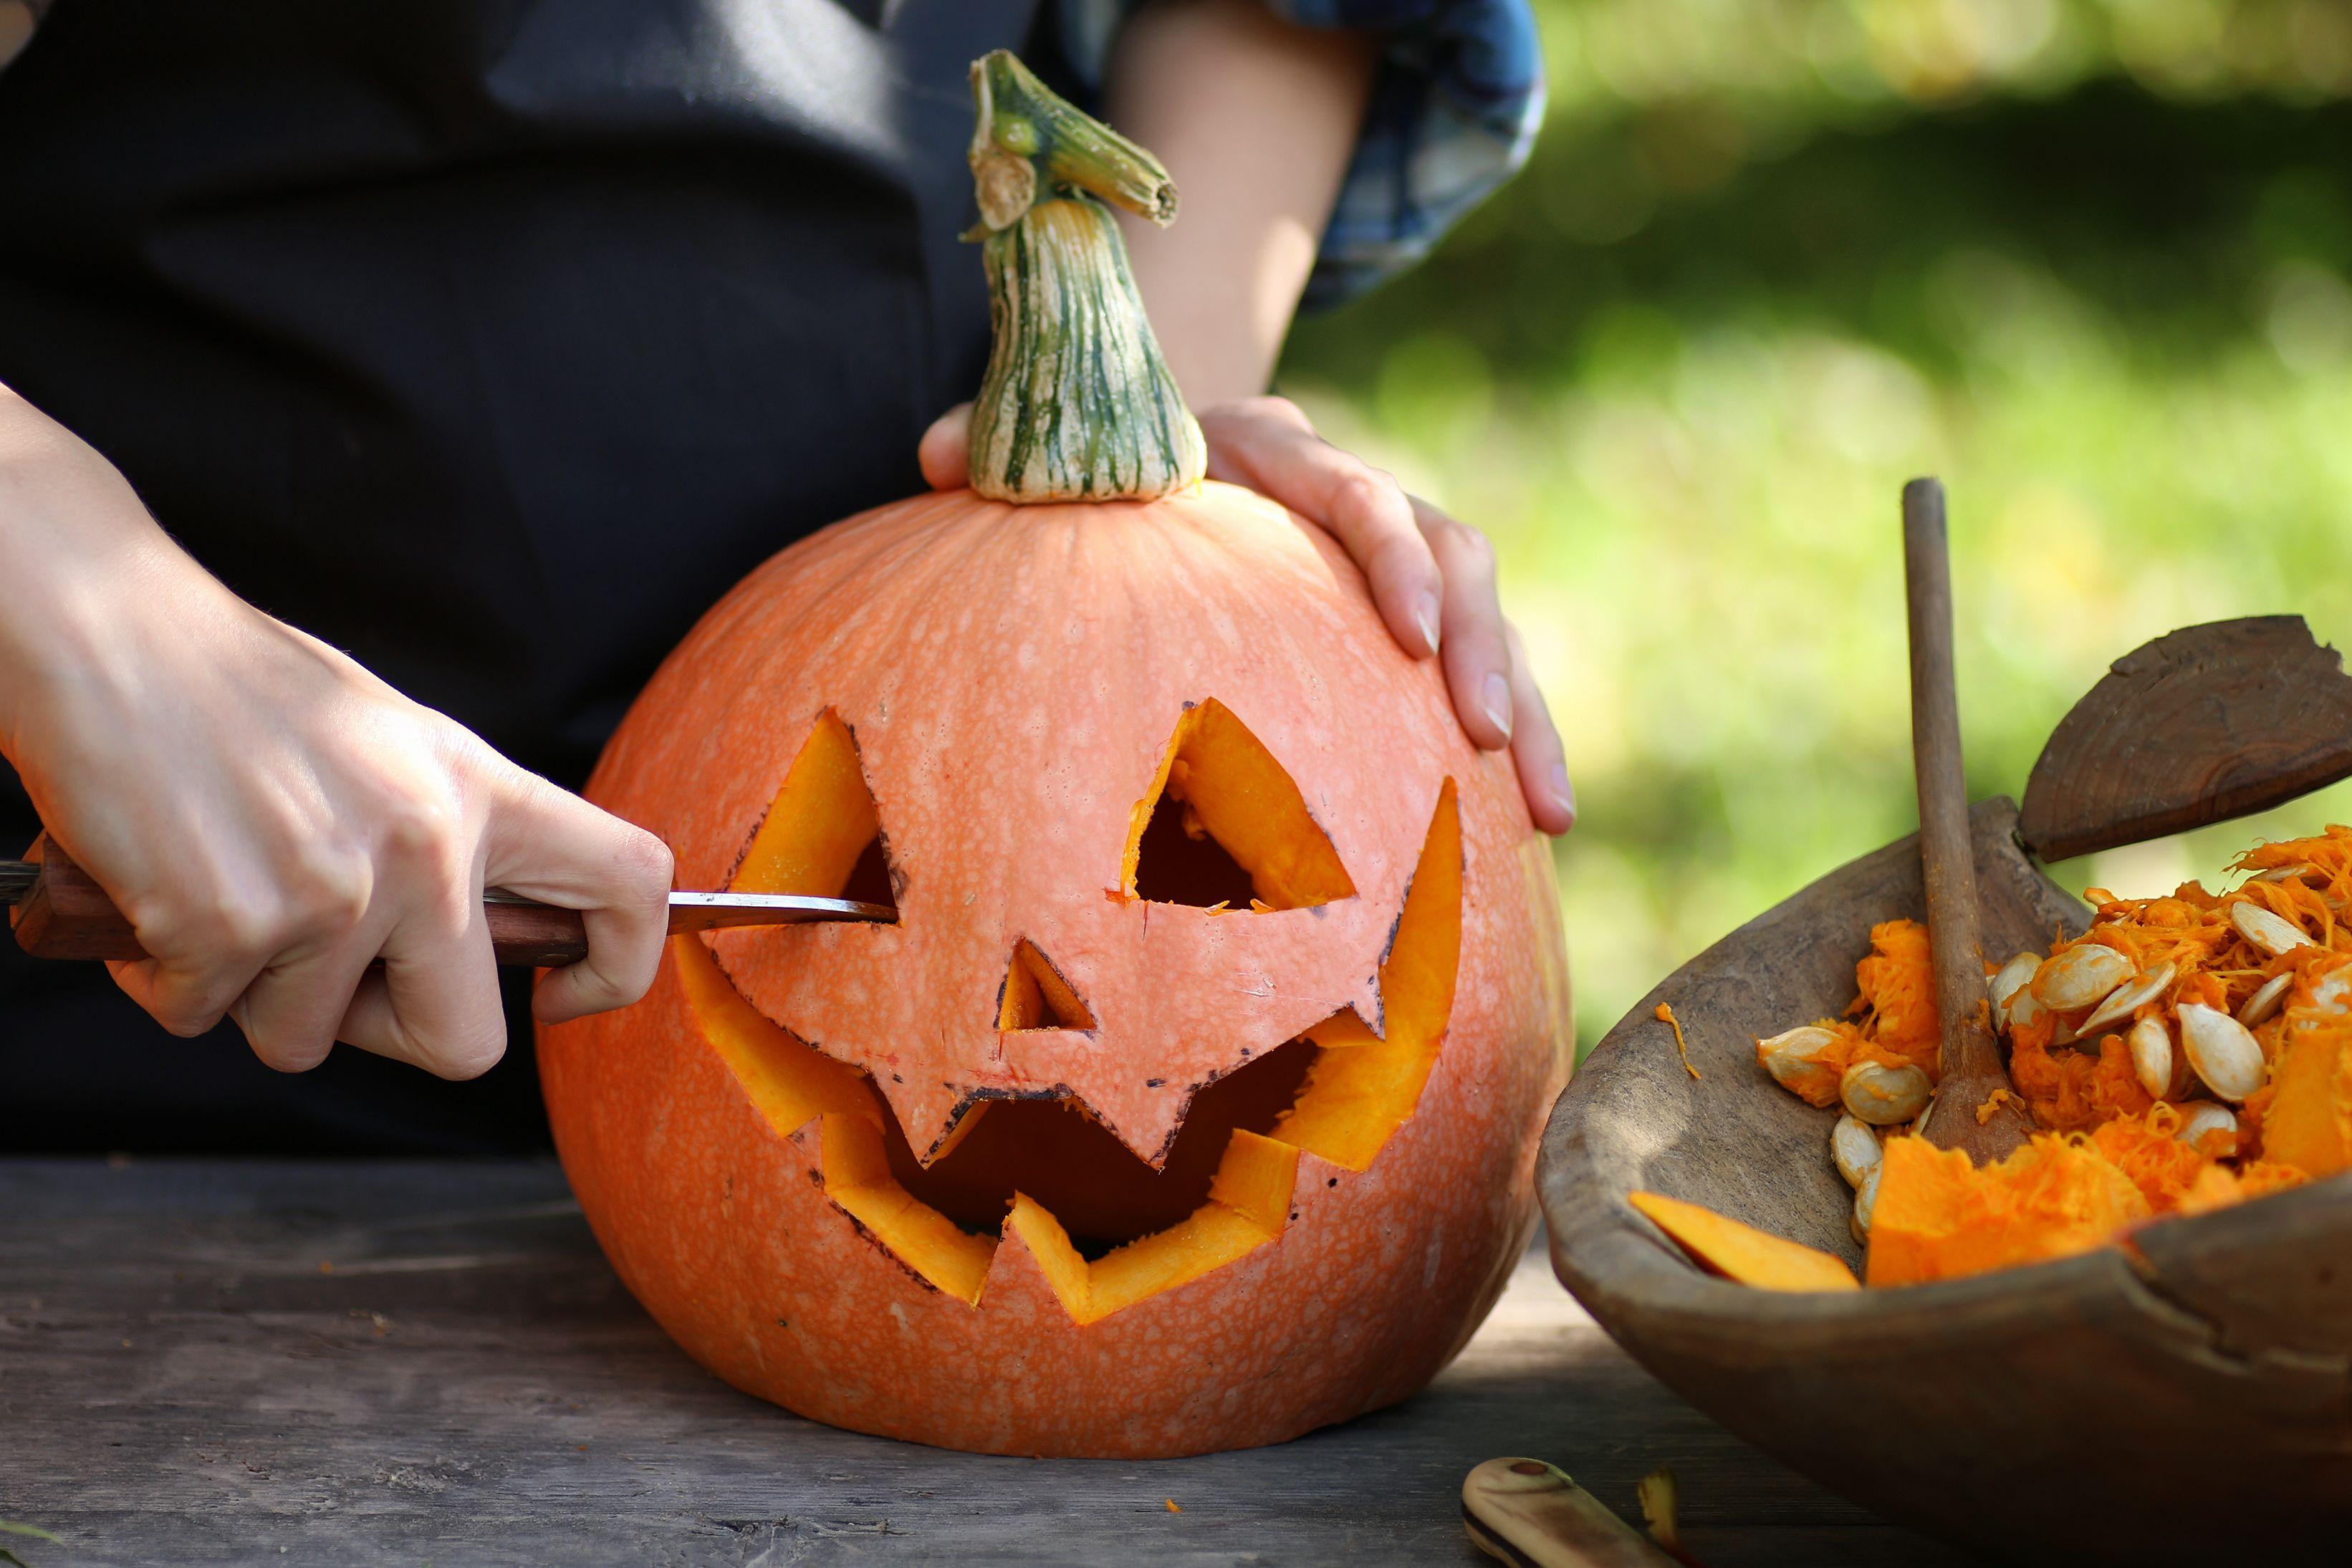 how to carve a pumpkin pumpkin carving tips rh popularmechanics com pumpkin carving halloween wars carve halloween pumpkin video